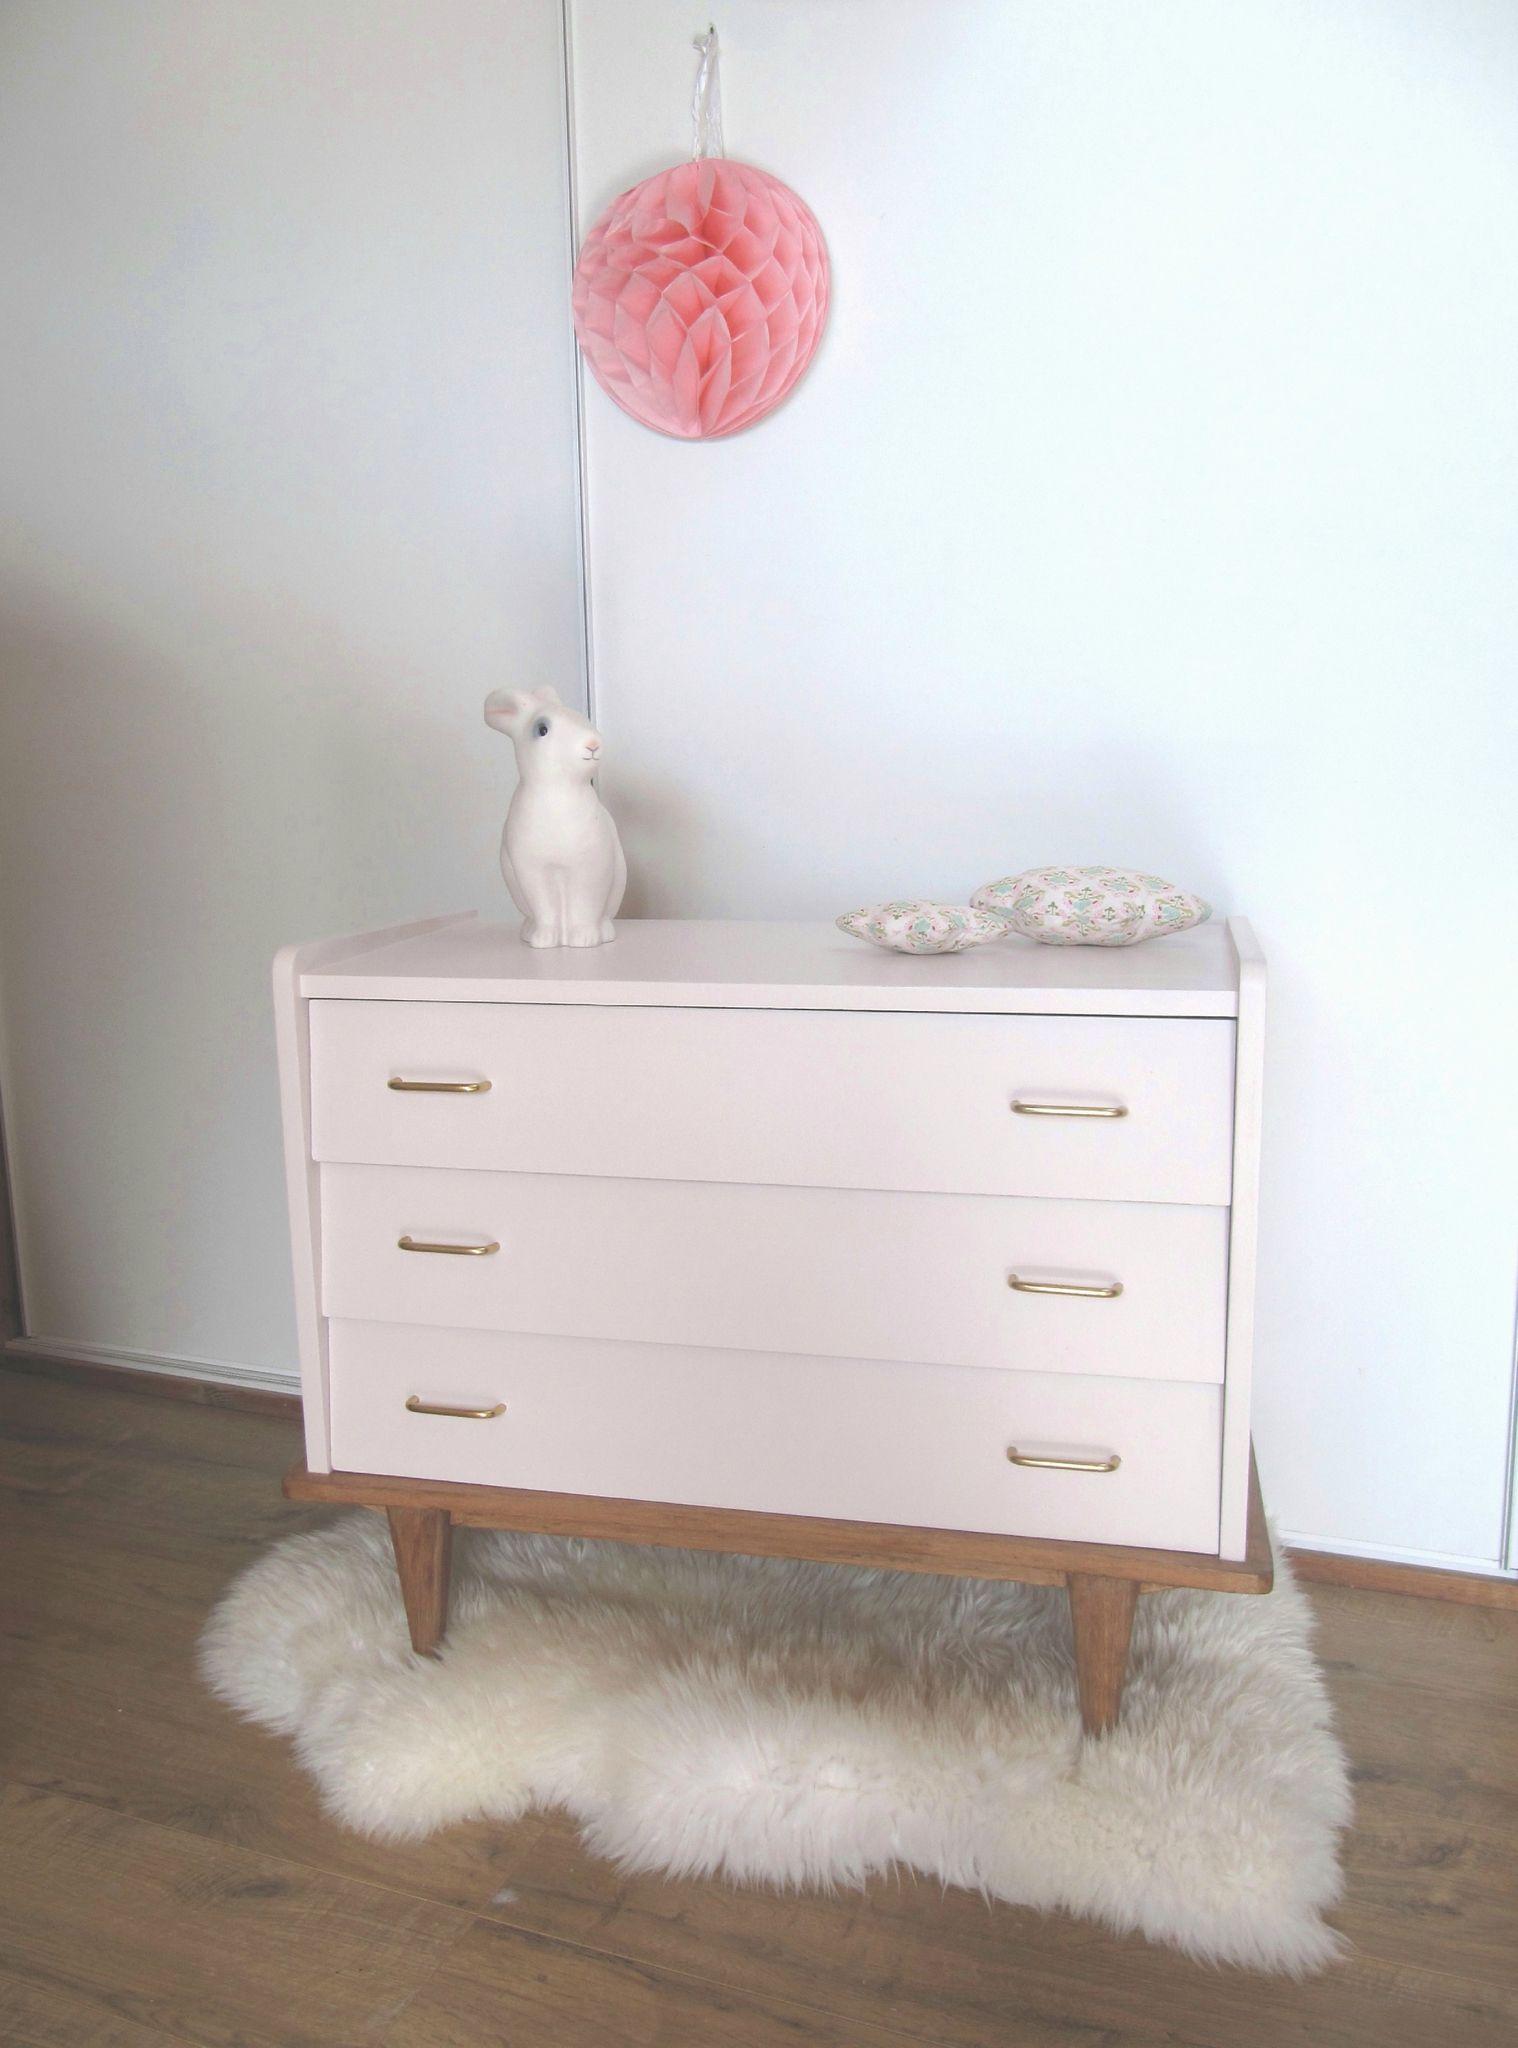 Idéé chambre enfant vintage rose blanc commode compas | Maison ...